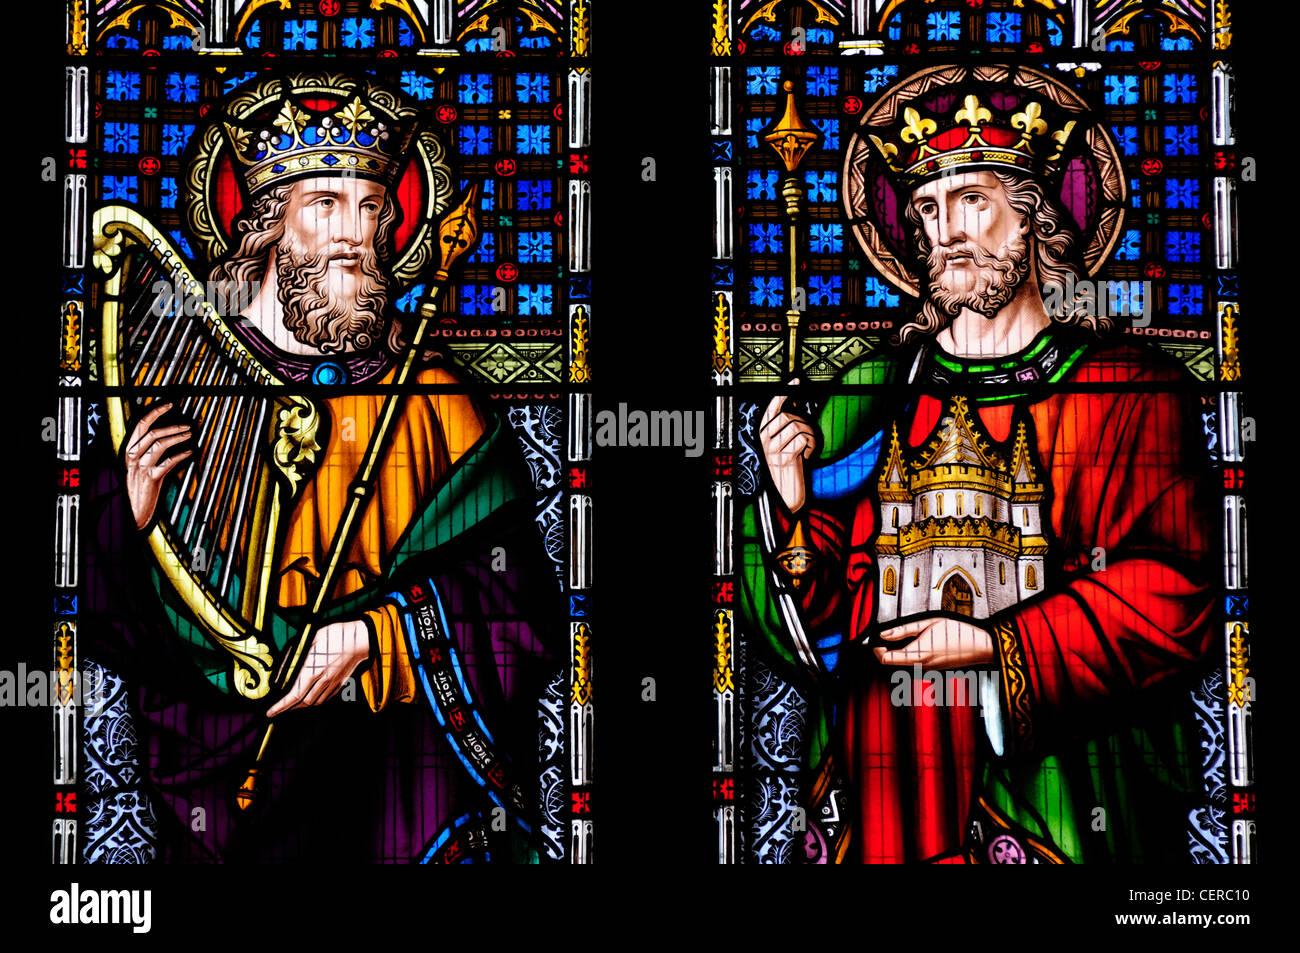 History of Jerusalem: Myth and Reality of King David's Jerusalem